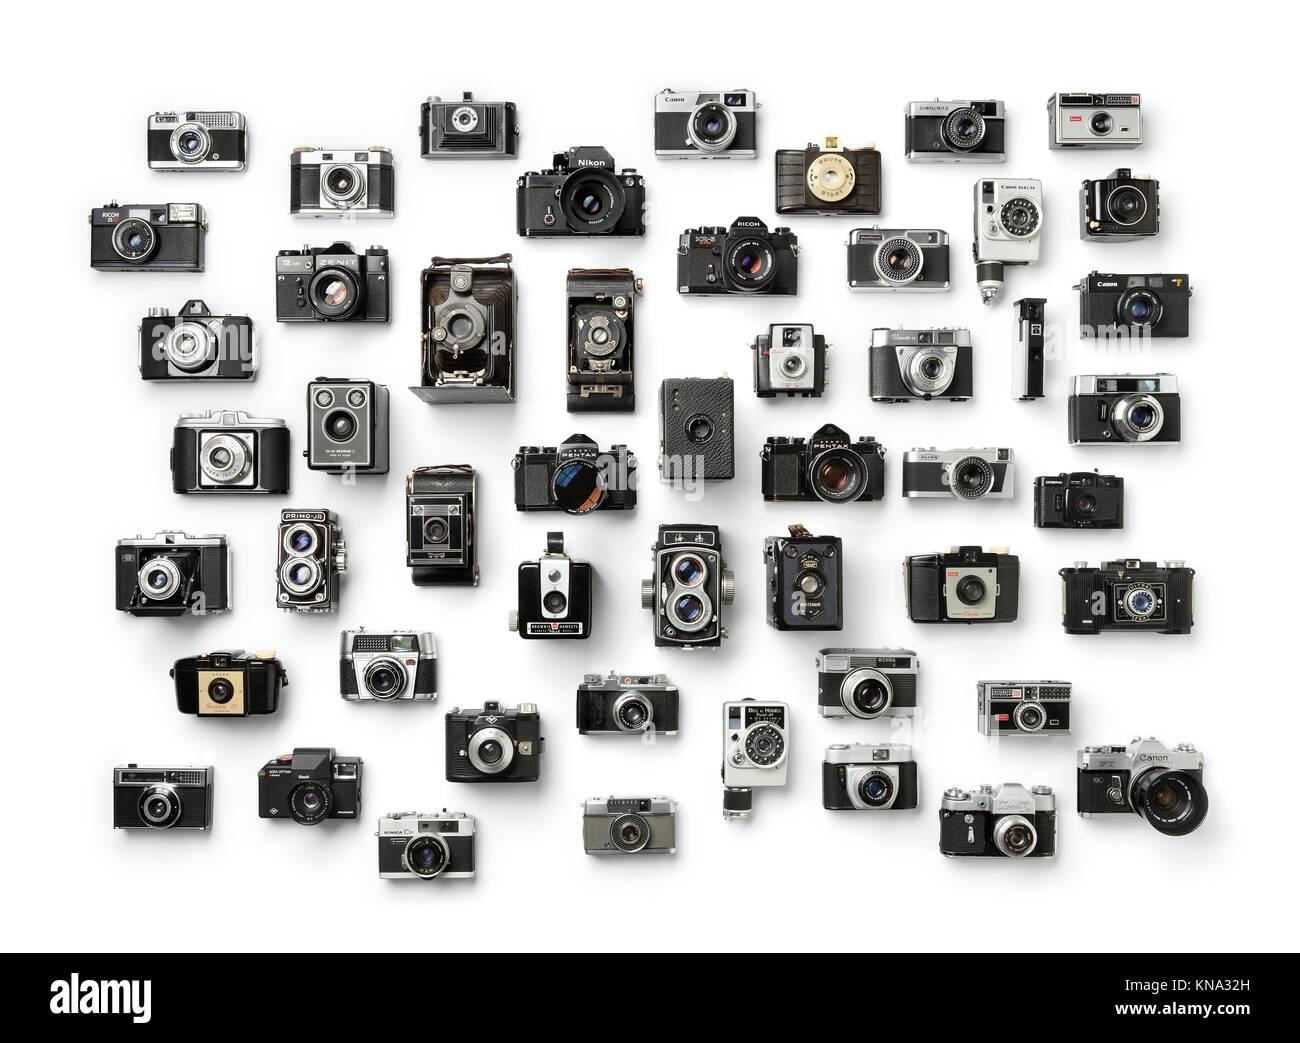 Colección de antiguas cámaras analógicas diferentes sobre fondo blanco. Foto de stock